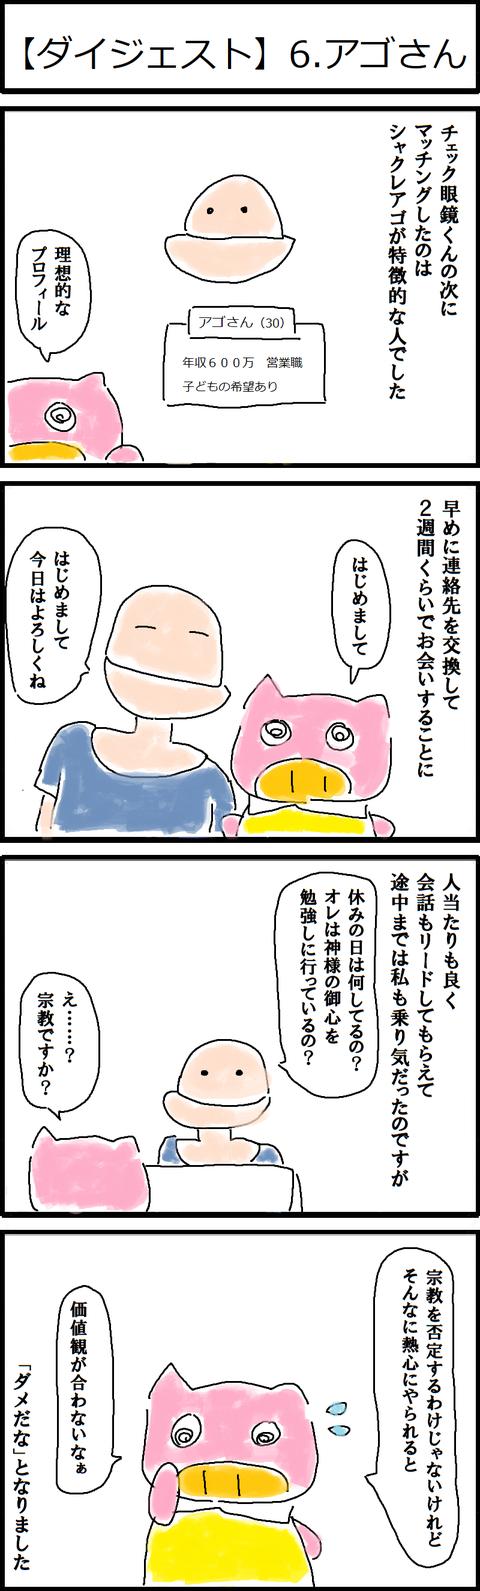 【ダイジェスト】6.アゴさん